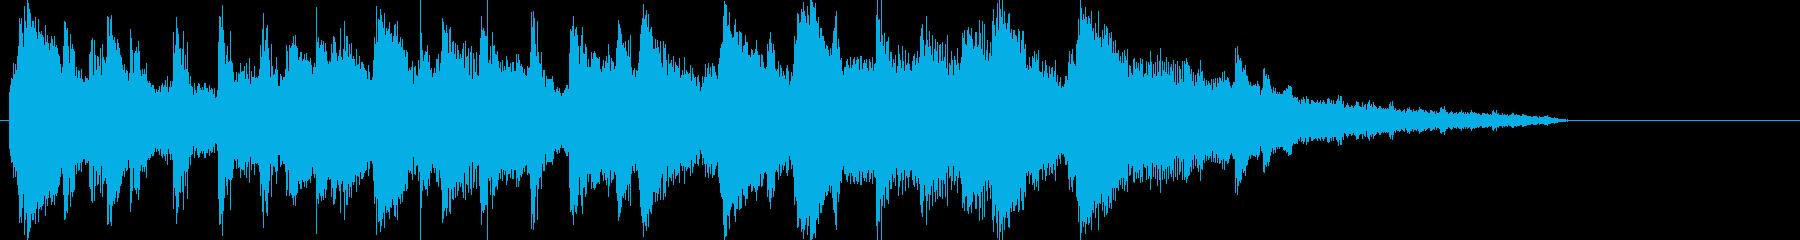 ガットギターとピアノの癒し系ボサノバの再生済みの波形